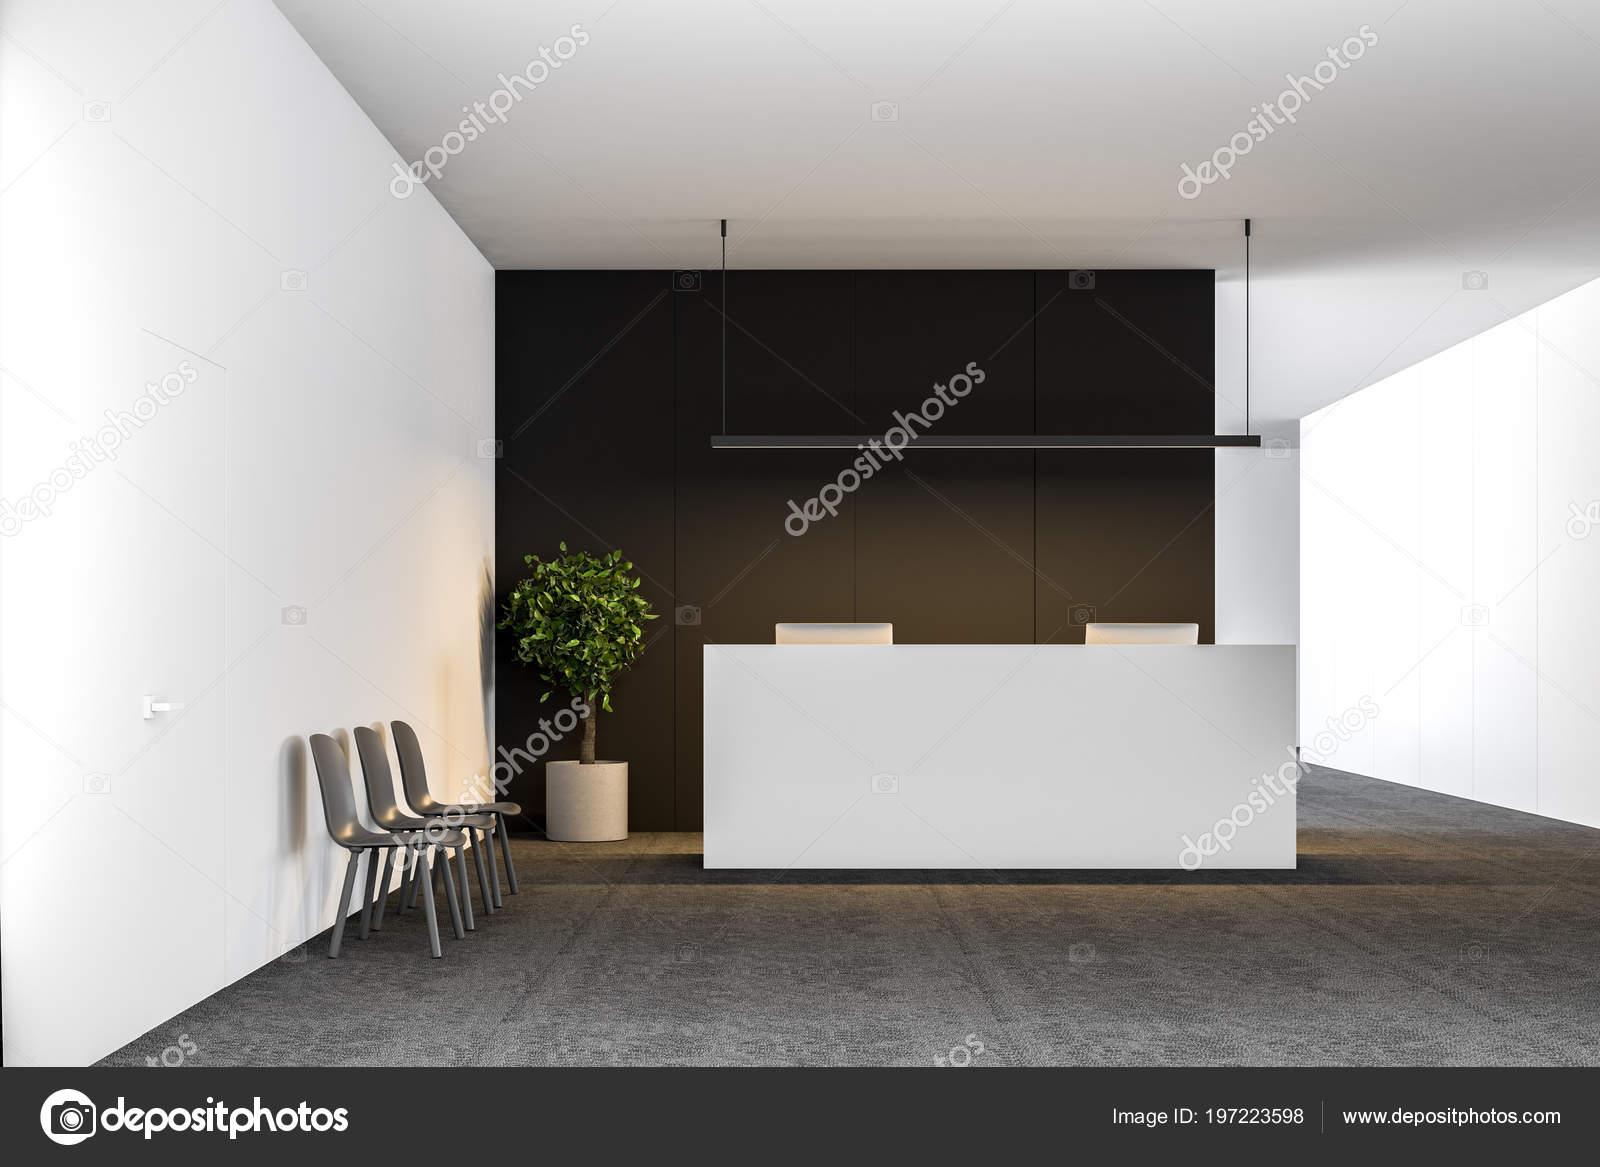 Table réception bureau blanc avec deux ordinateurs debout dans